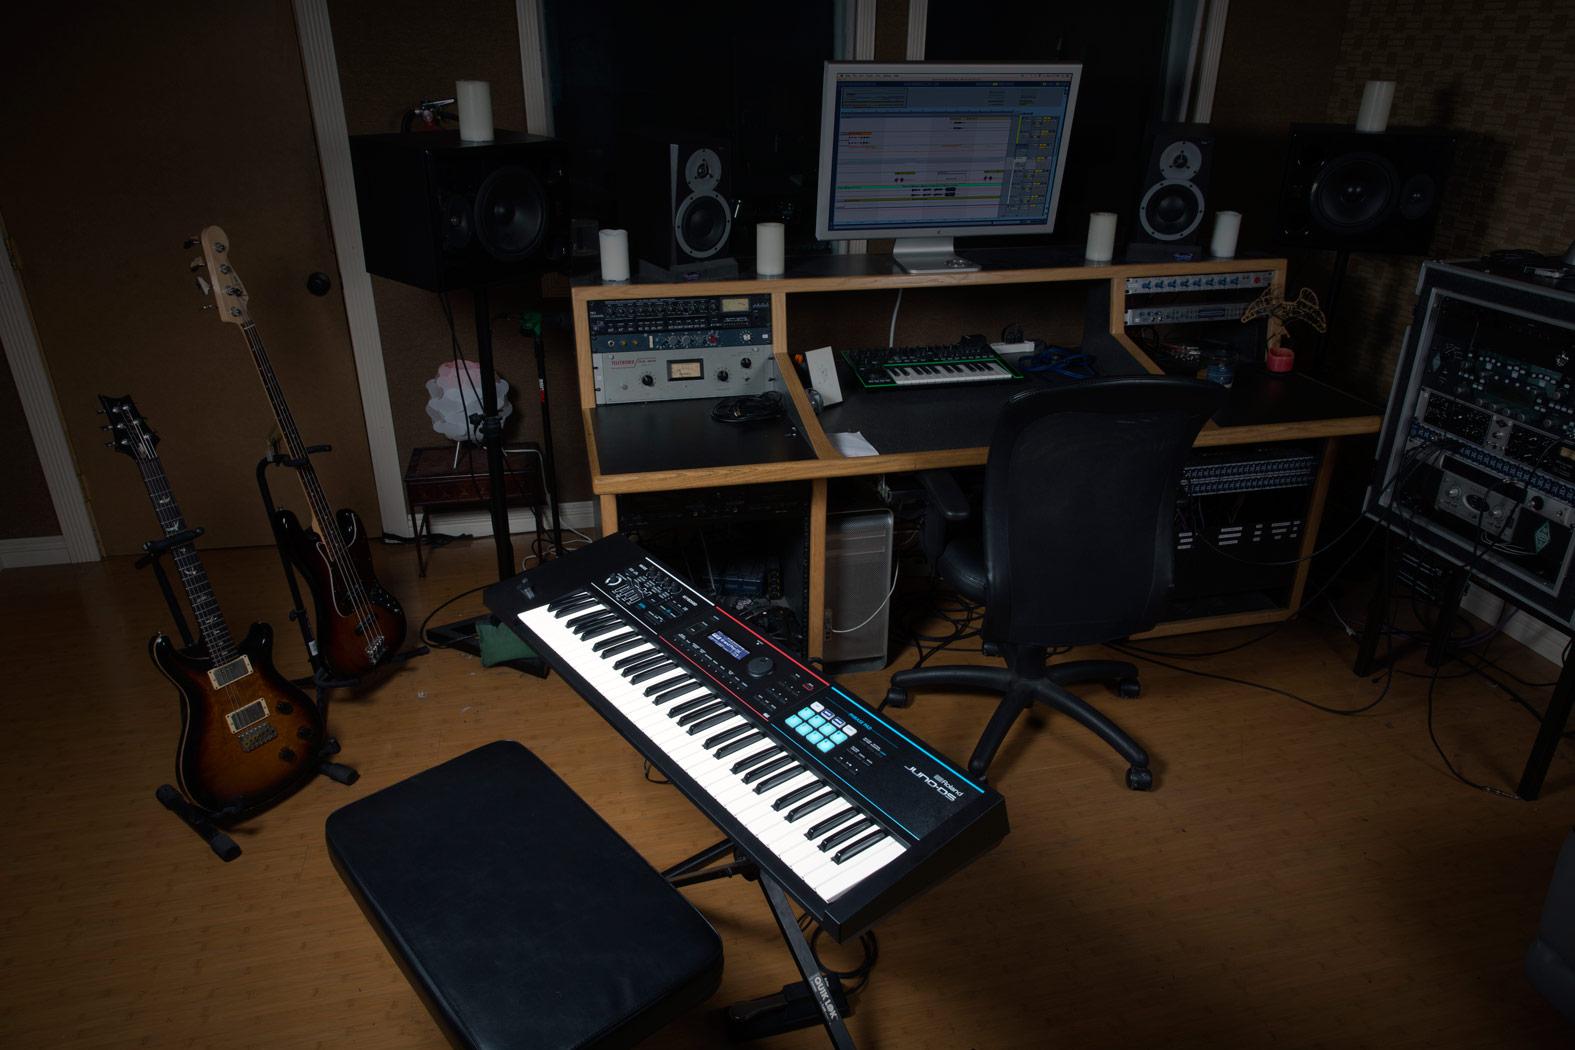 JUNIO-DS61で作曲 MIDI鍵盤